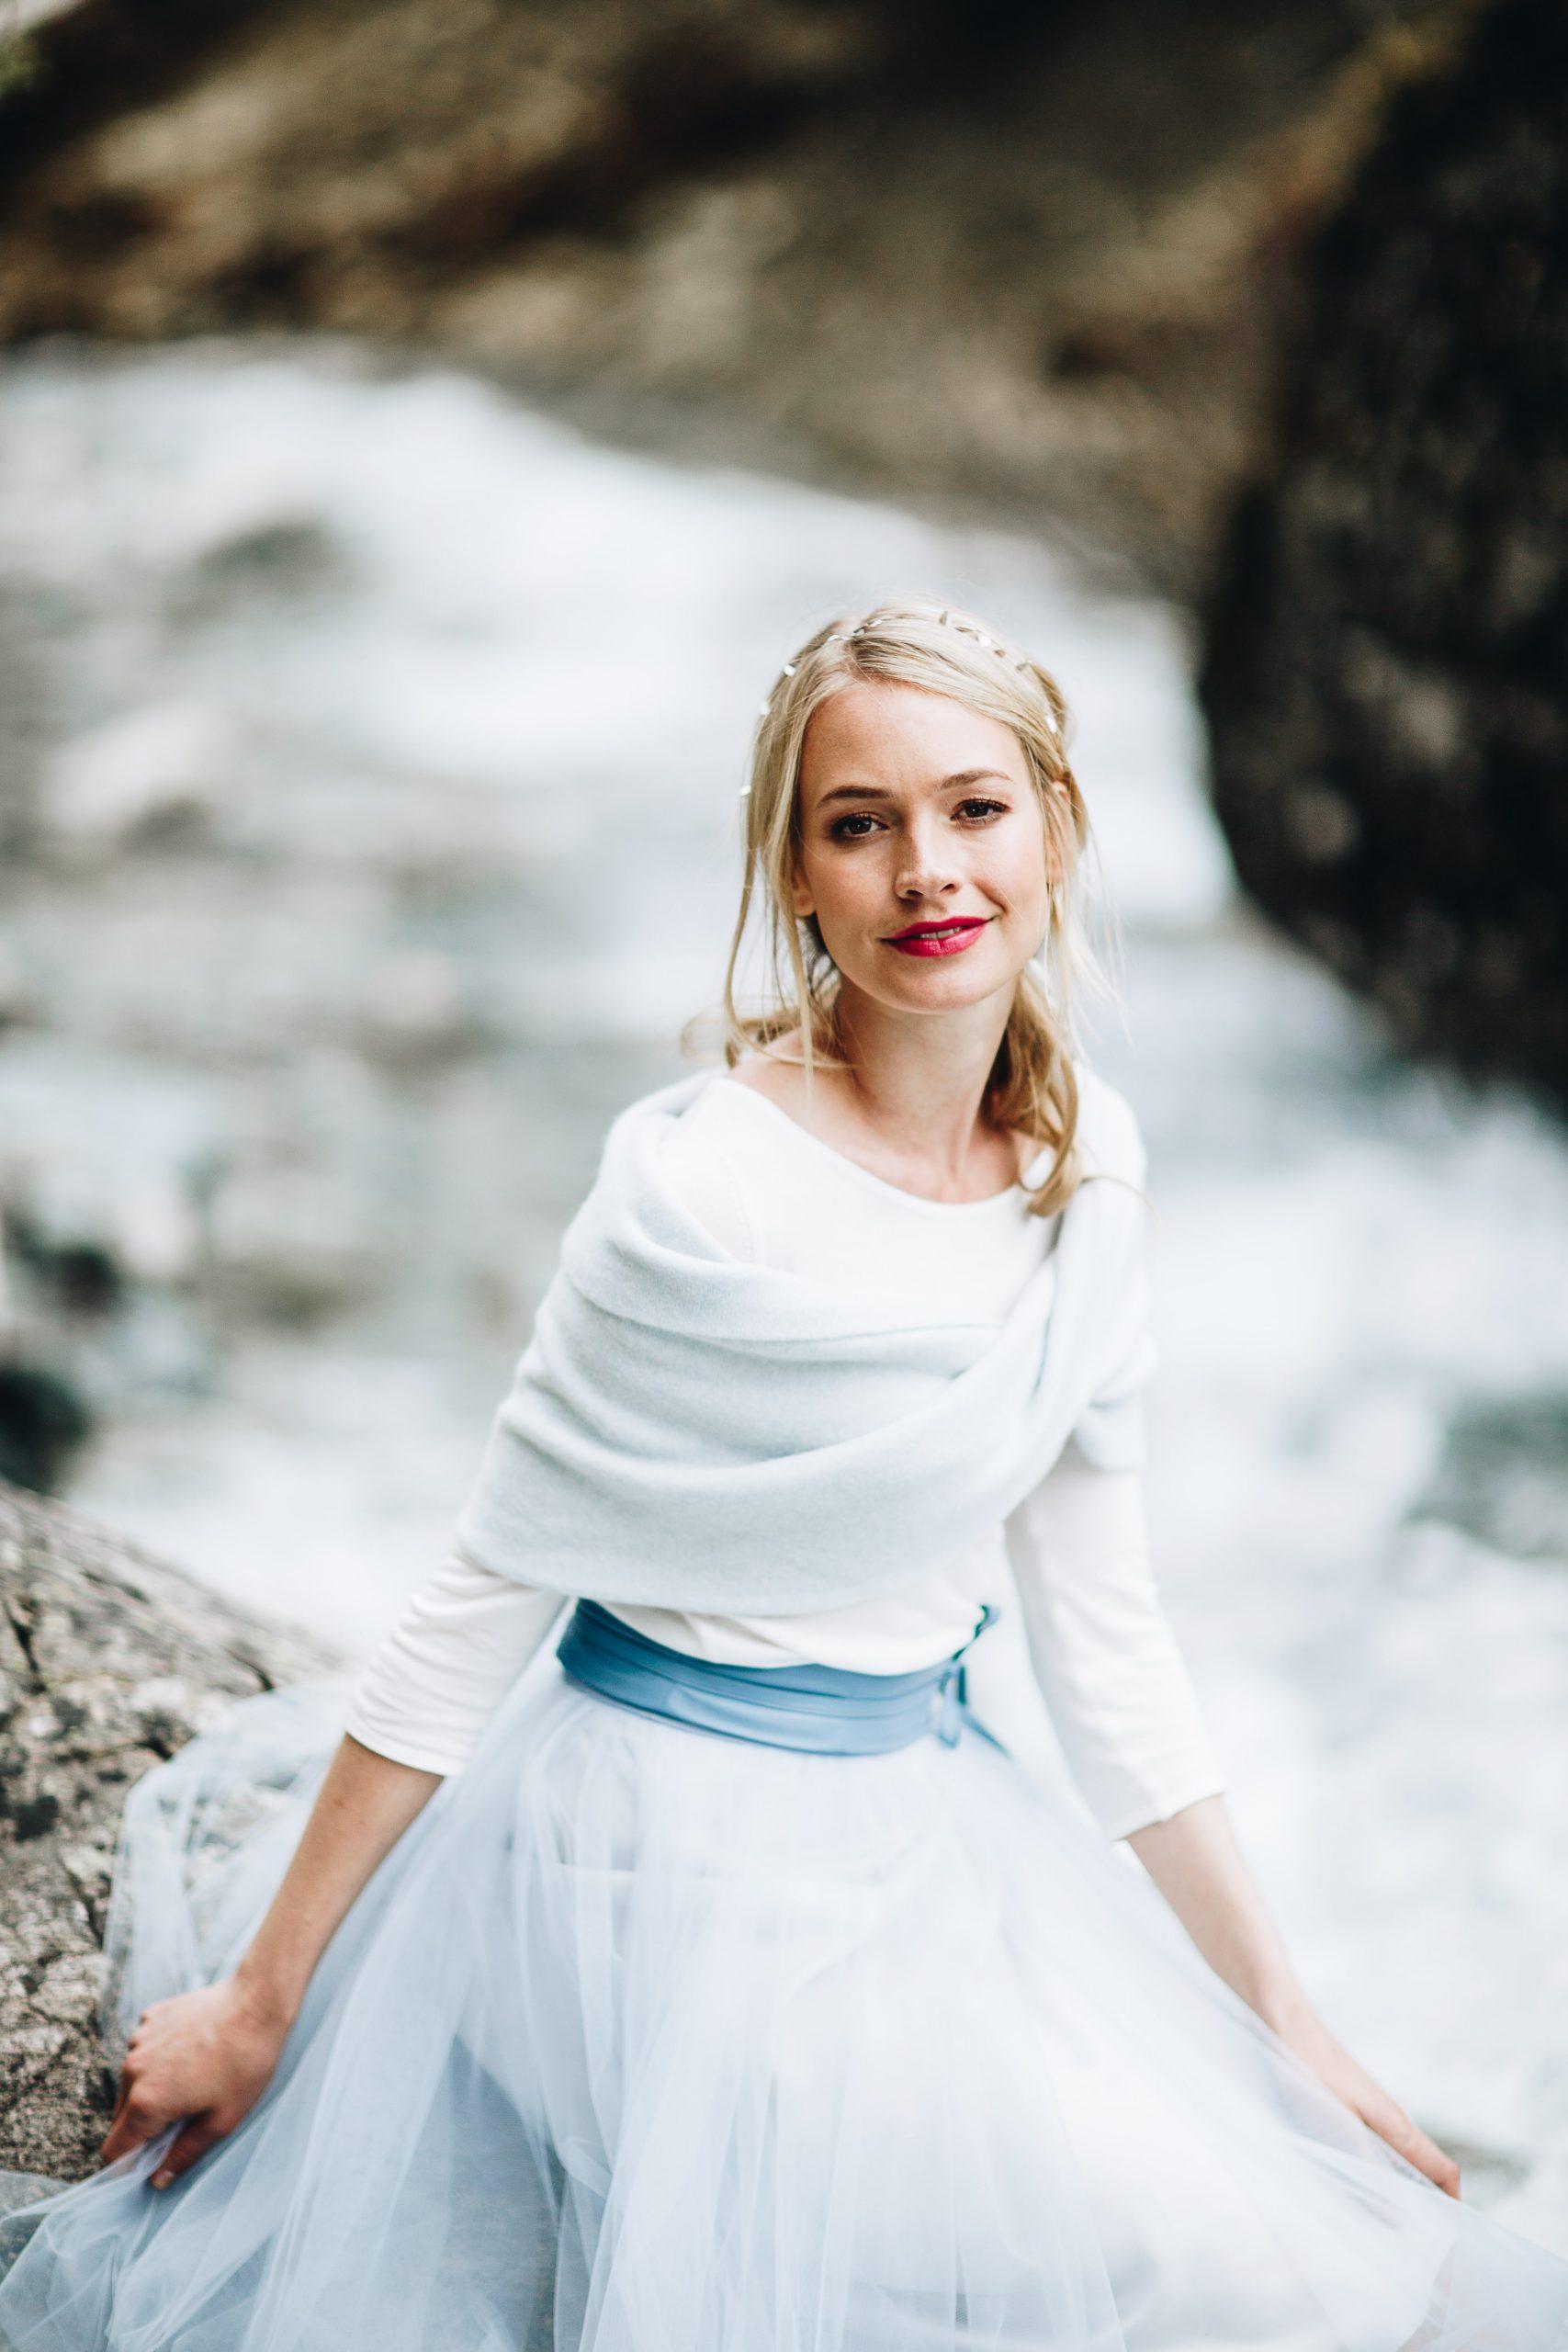 Brautkleider für die Hochzeit im Herbst oder Winter  noni